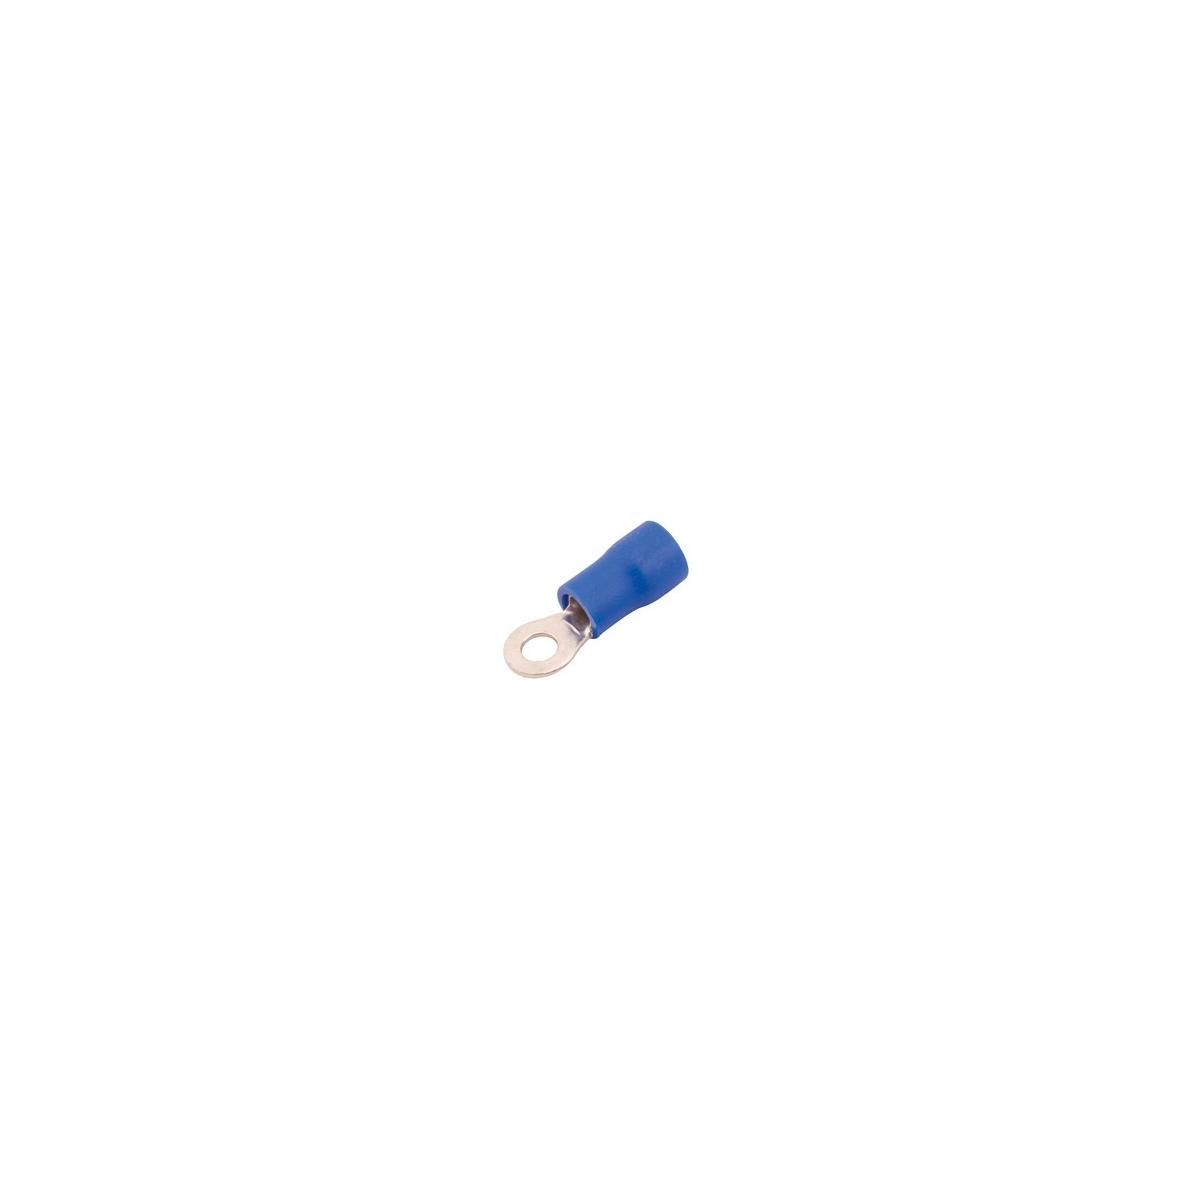 TERMINAL OLHAL - AZ - 3MM - R4159 SF-